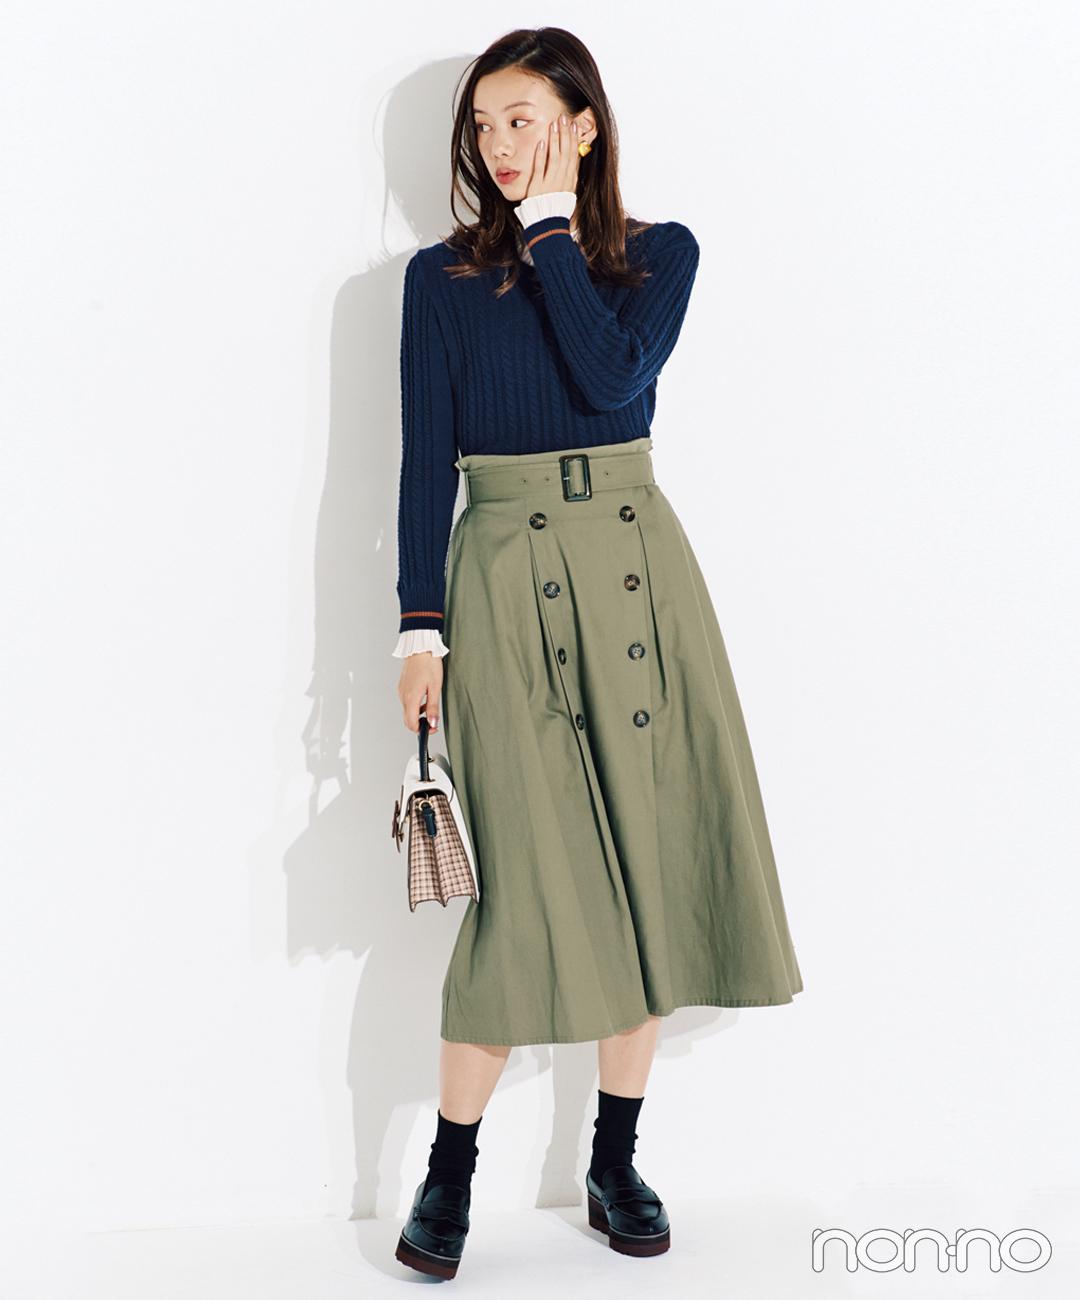 【ローファーコーデ】履くだけでウエストキュッなトレンチスカートに夢中